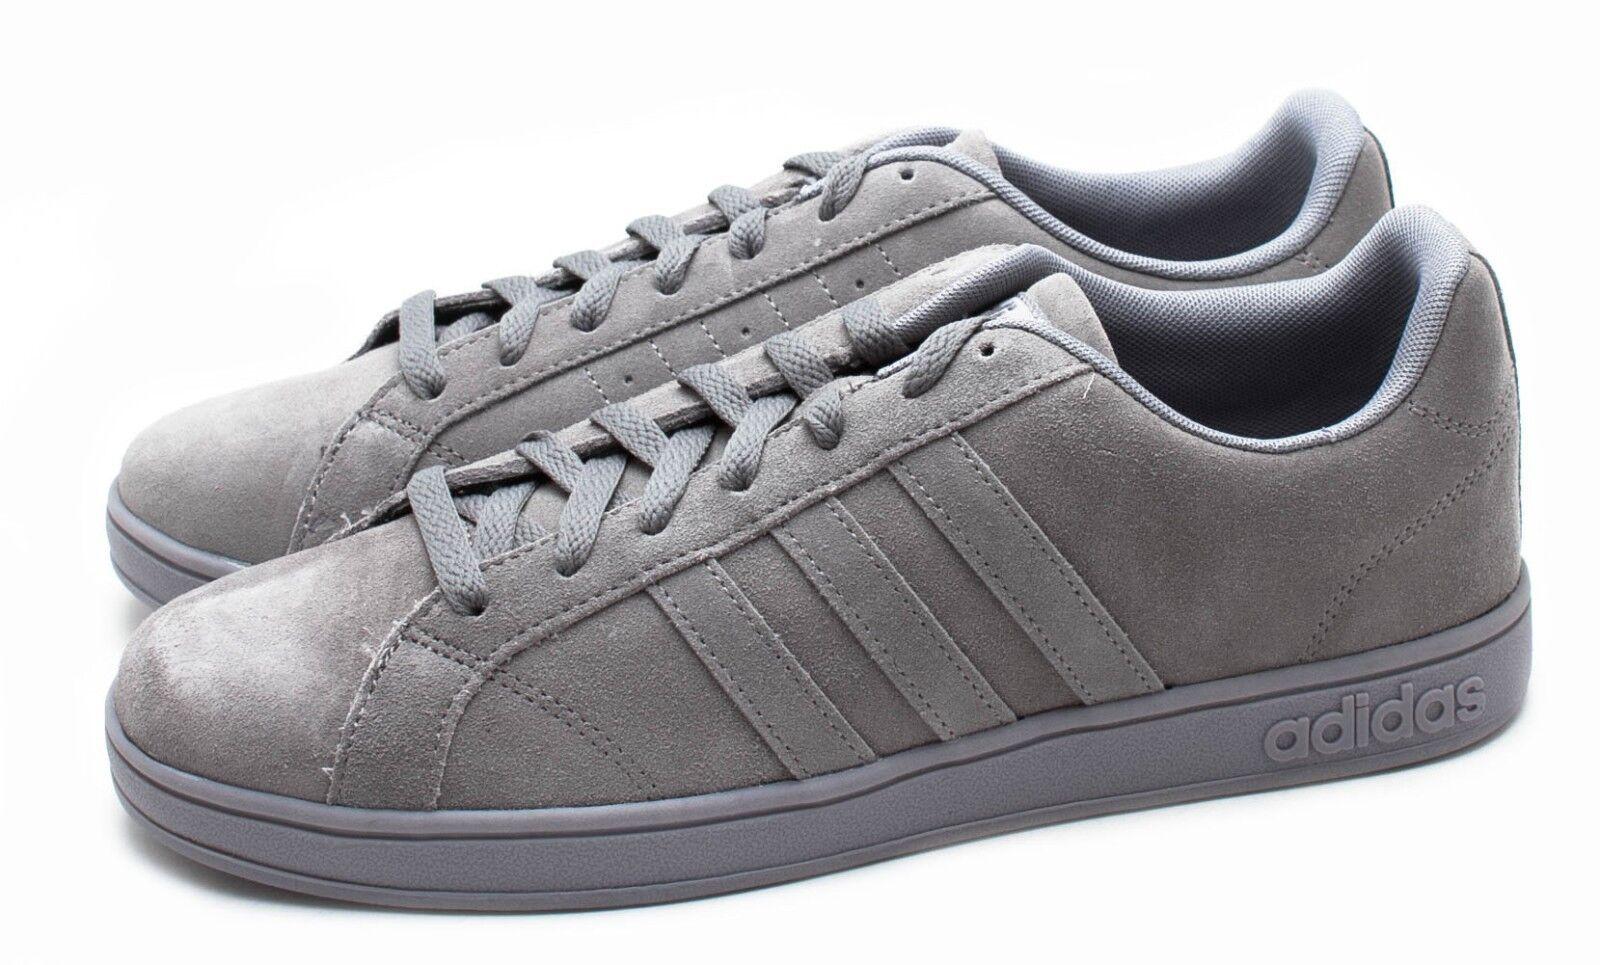 Adidas Vorteil Vs Schuhe F99092 Grau Größe 8-11